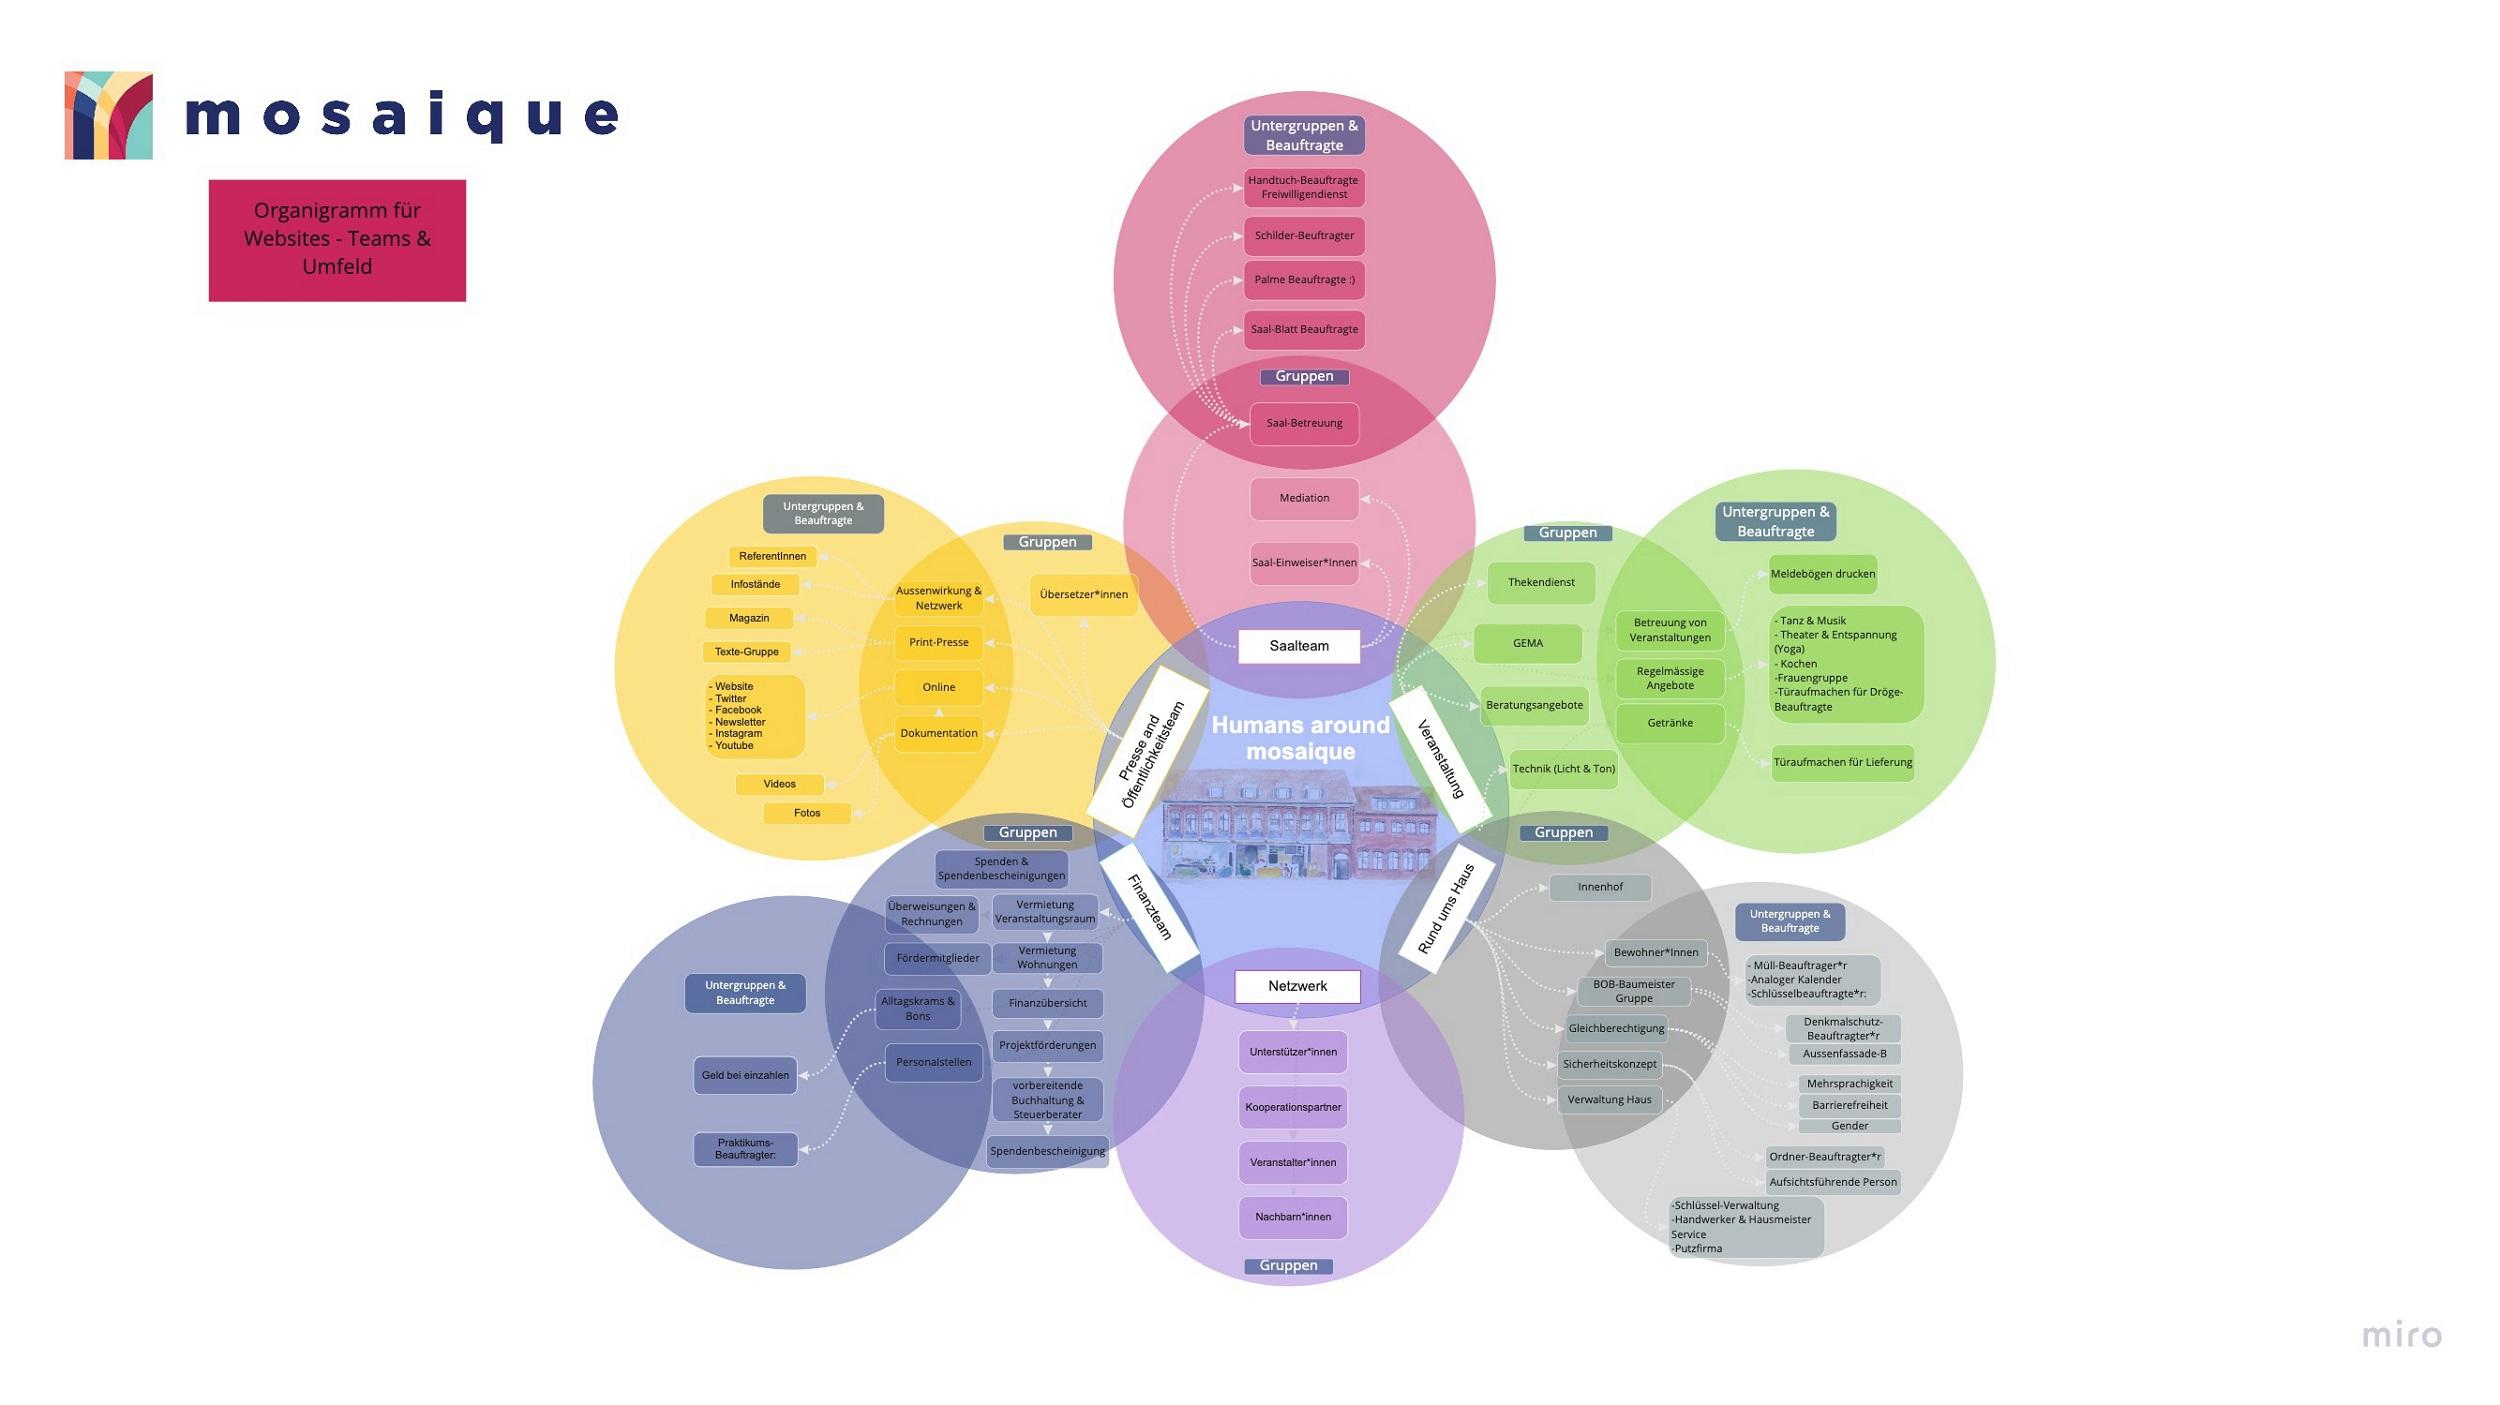 mosaique Organigramm - Kreise